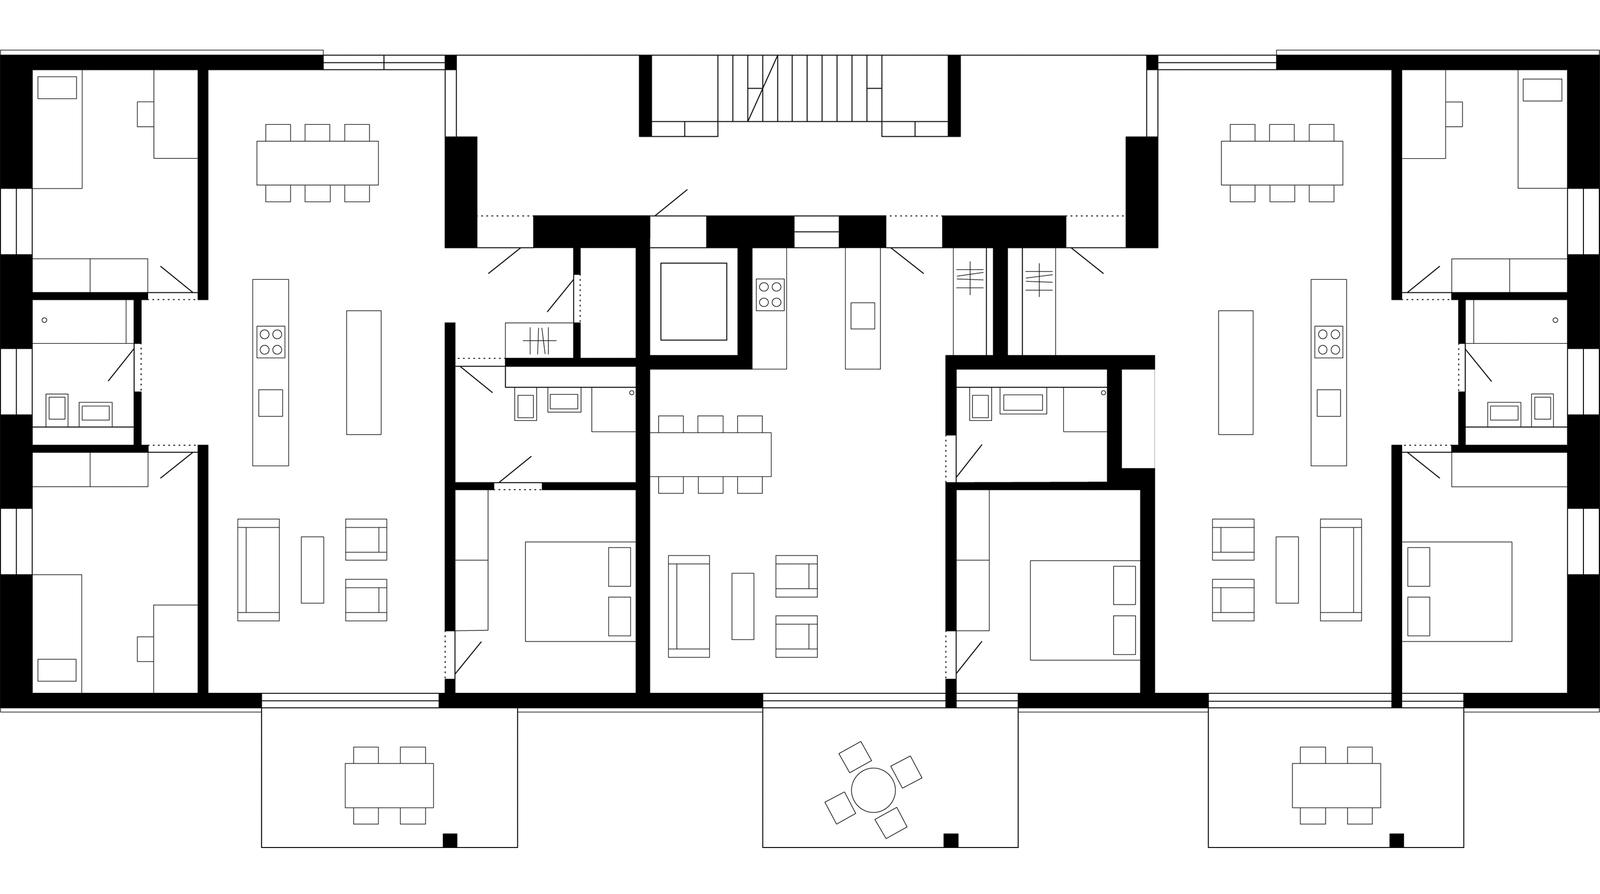 mlzd met siedlung narzissenweg biel obergeschoss kab pinterest grundrisse architektur und. Black Bedroom Furniture Sets. Home Design Ideas